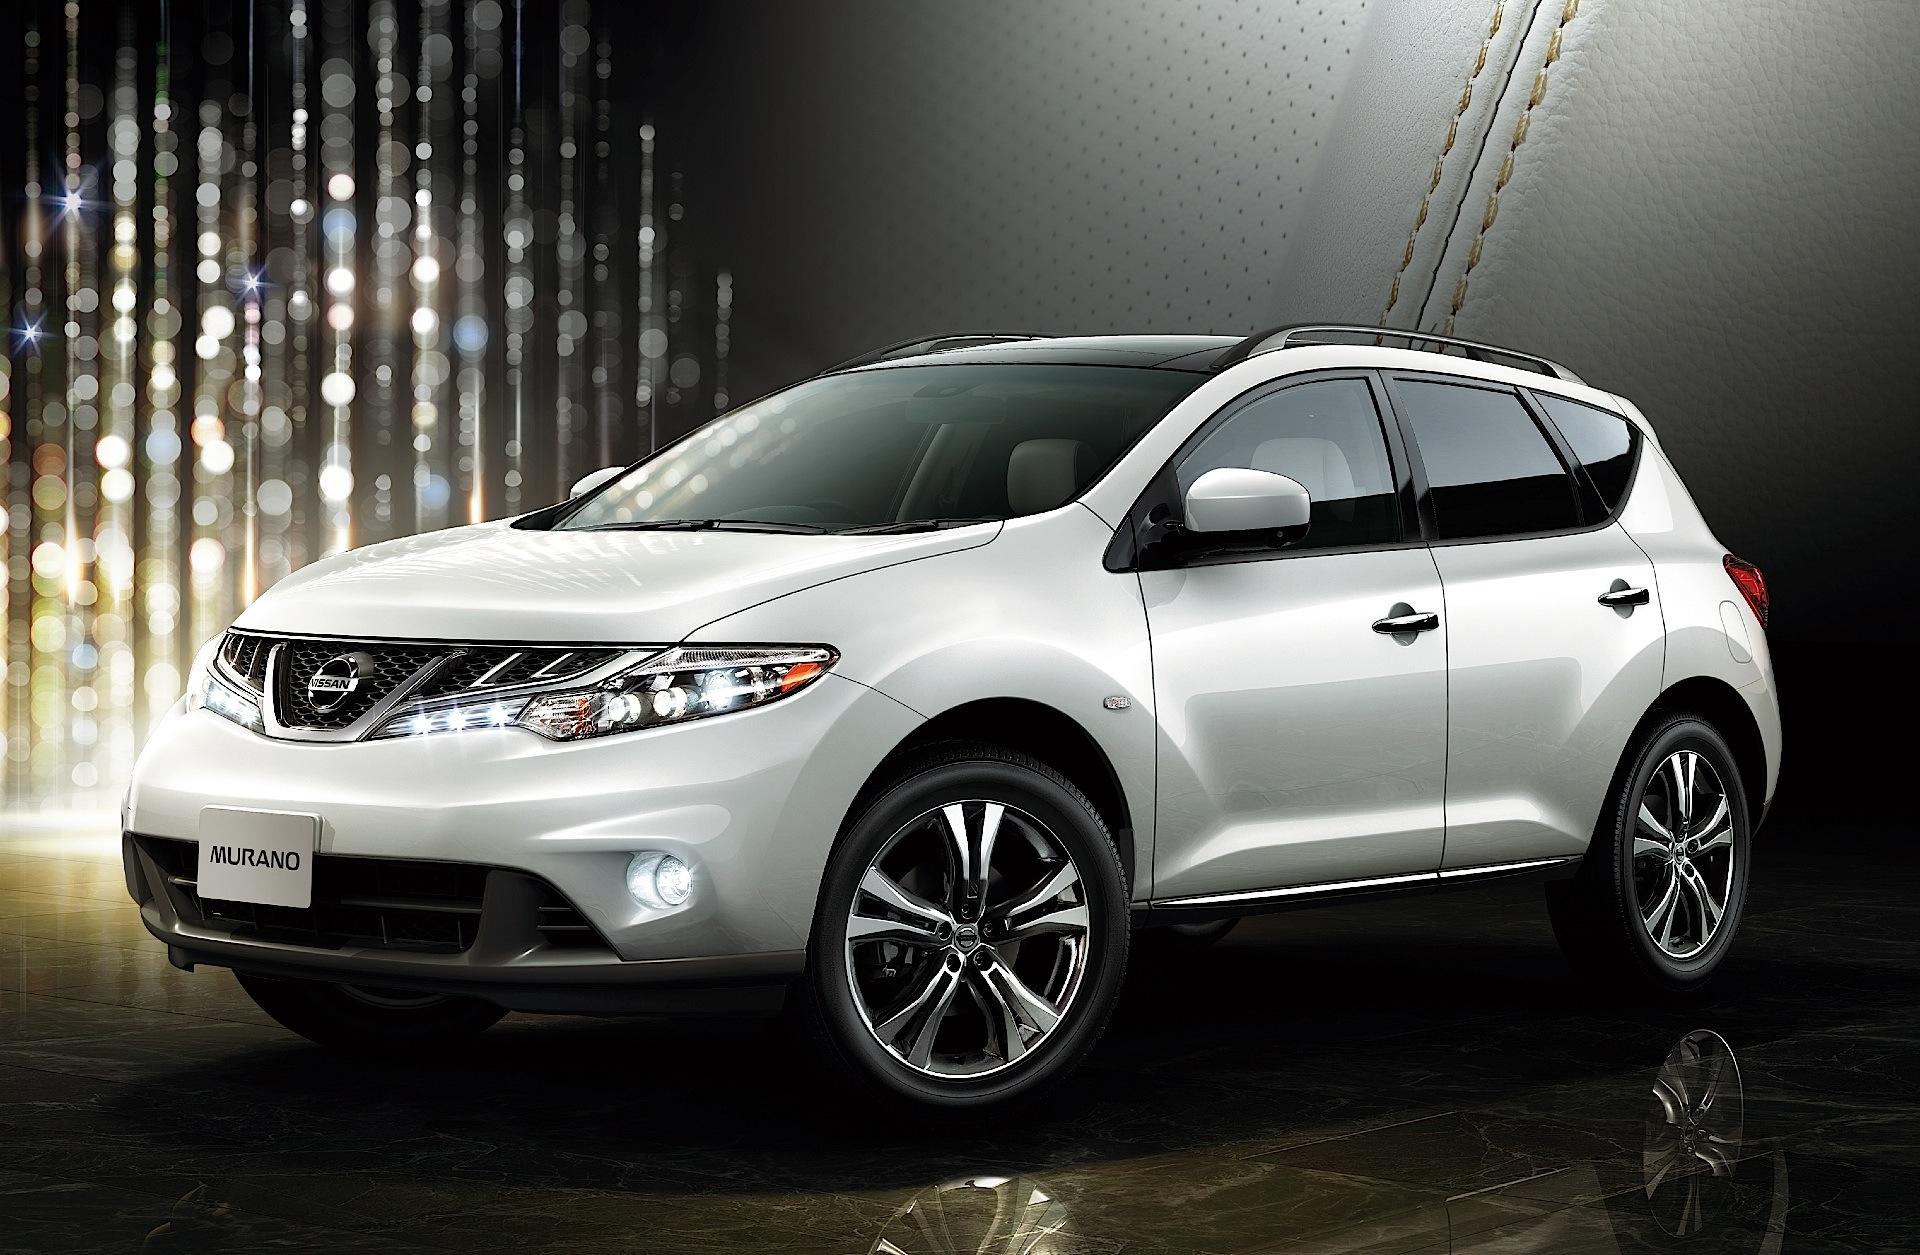 Nissan Murano 2008 2009 2010 2011 2012 2013 2014